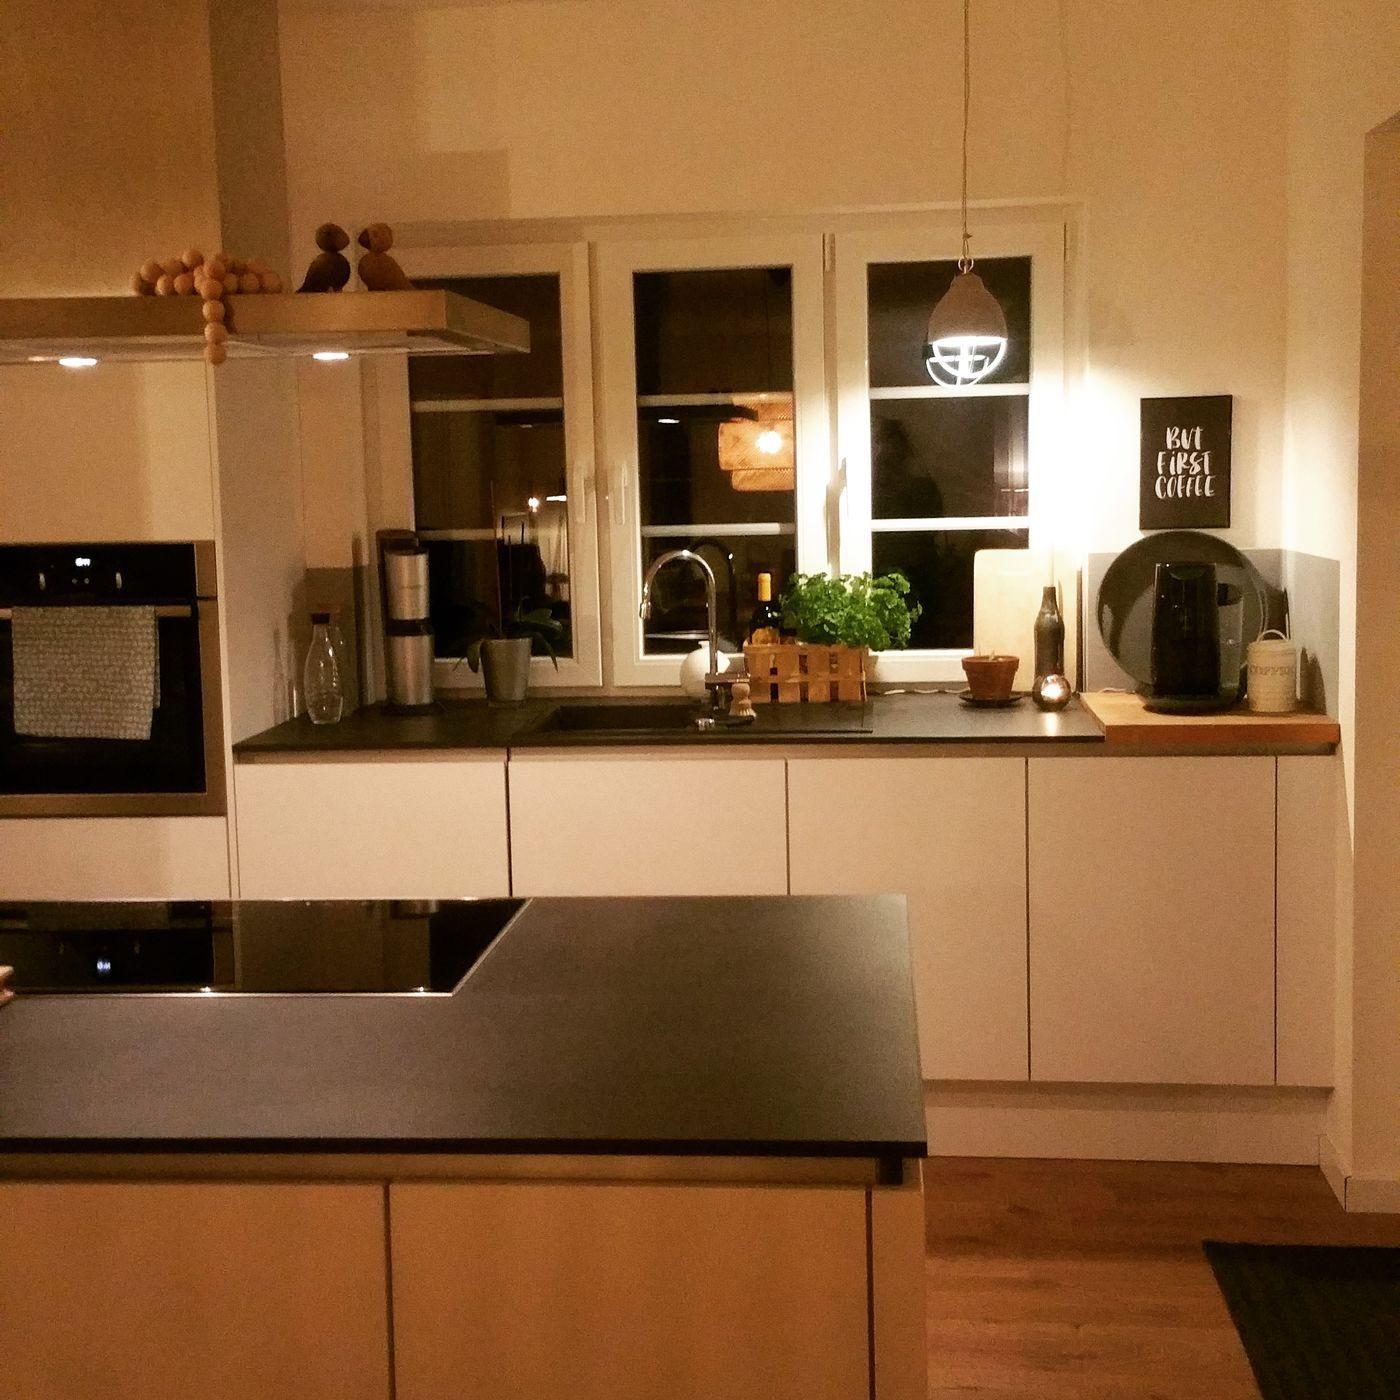 Die schönsten Ideen für deine Kücheninsel & Küchenblock - Seite 11